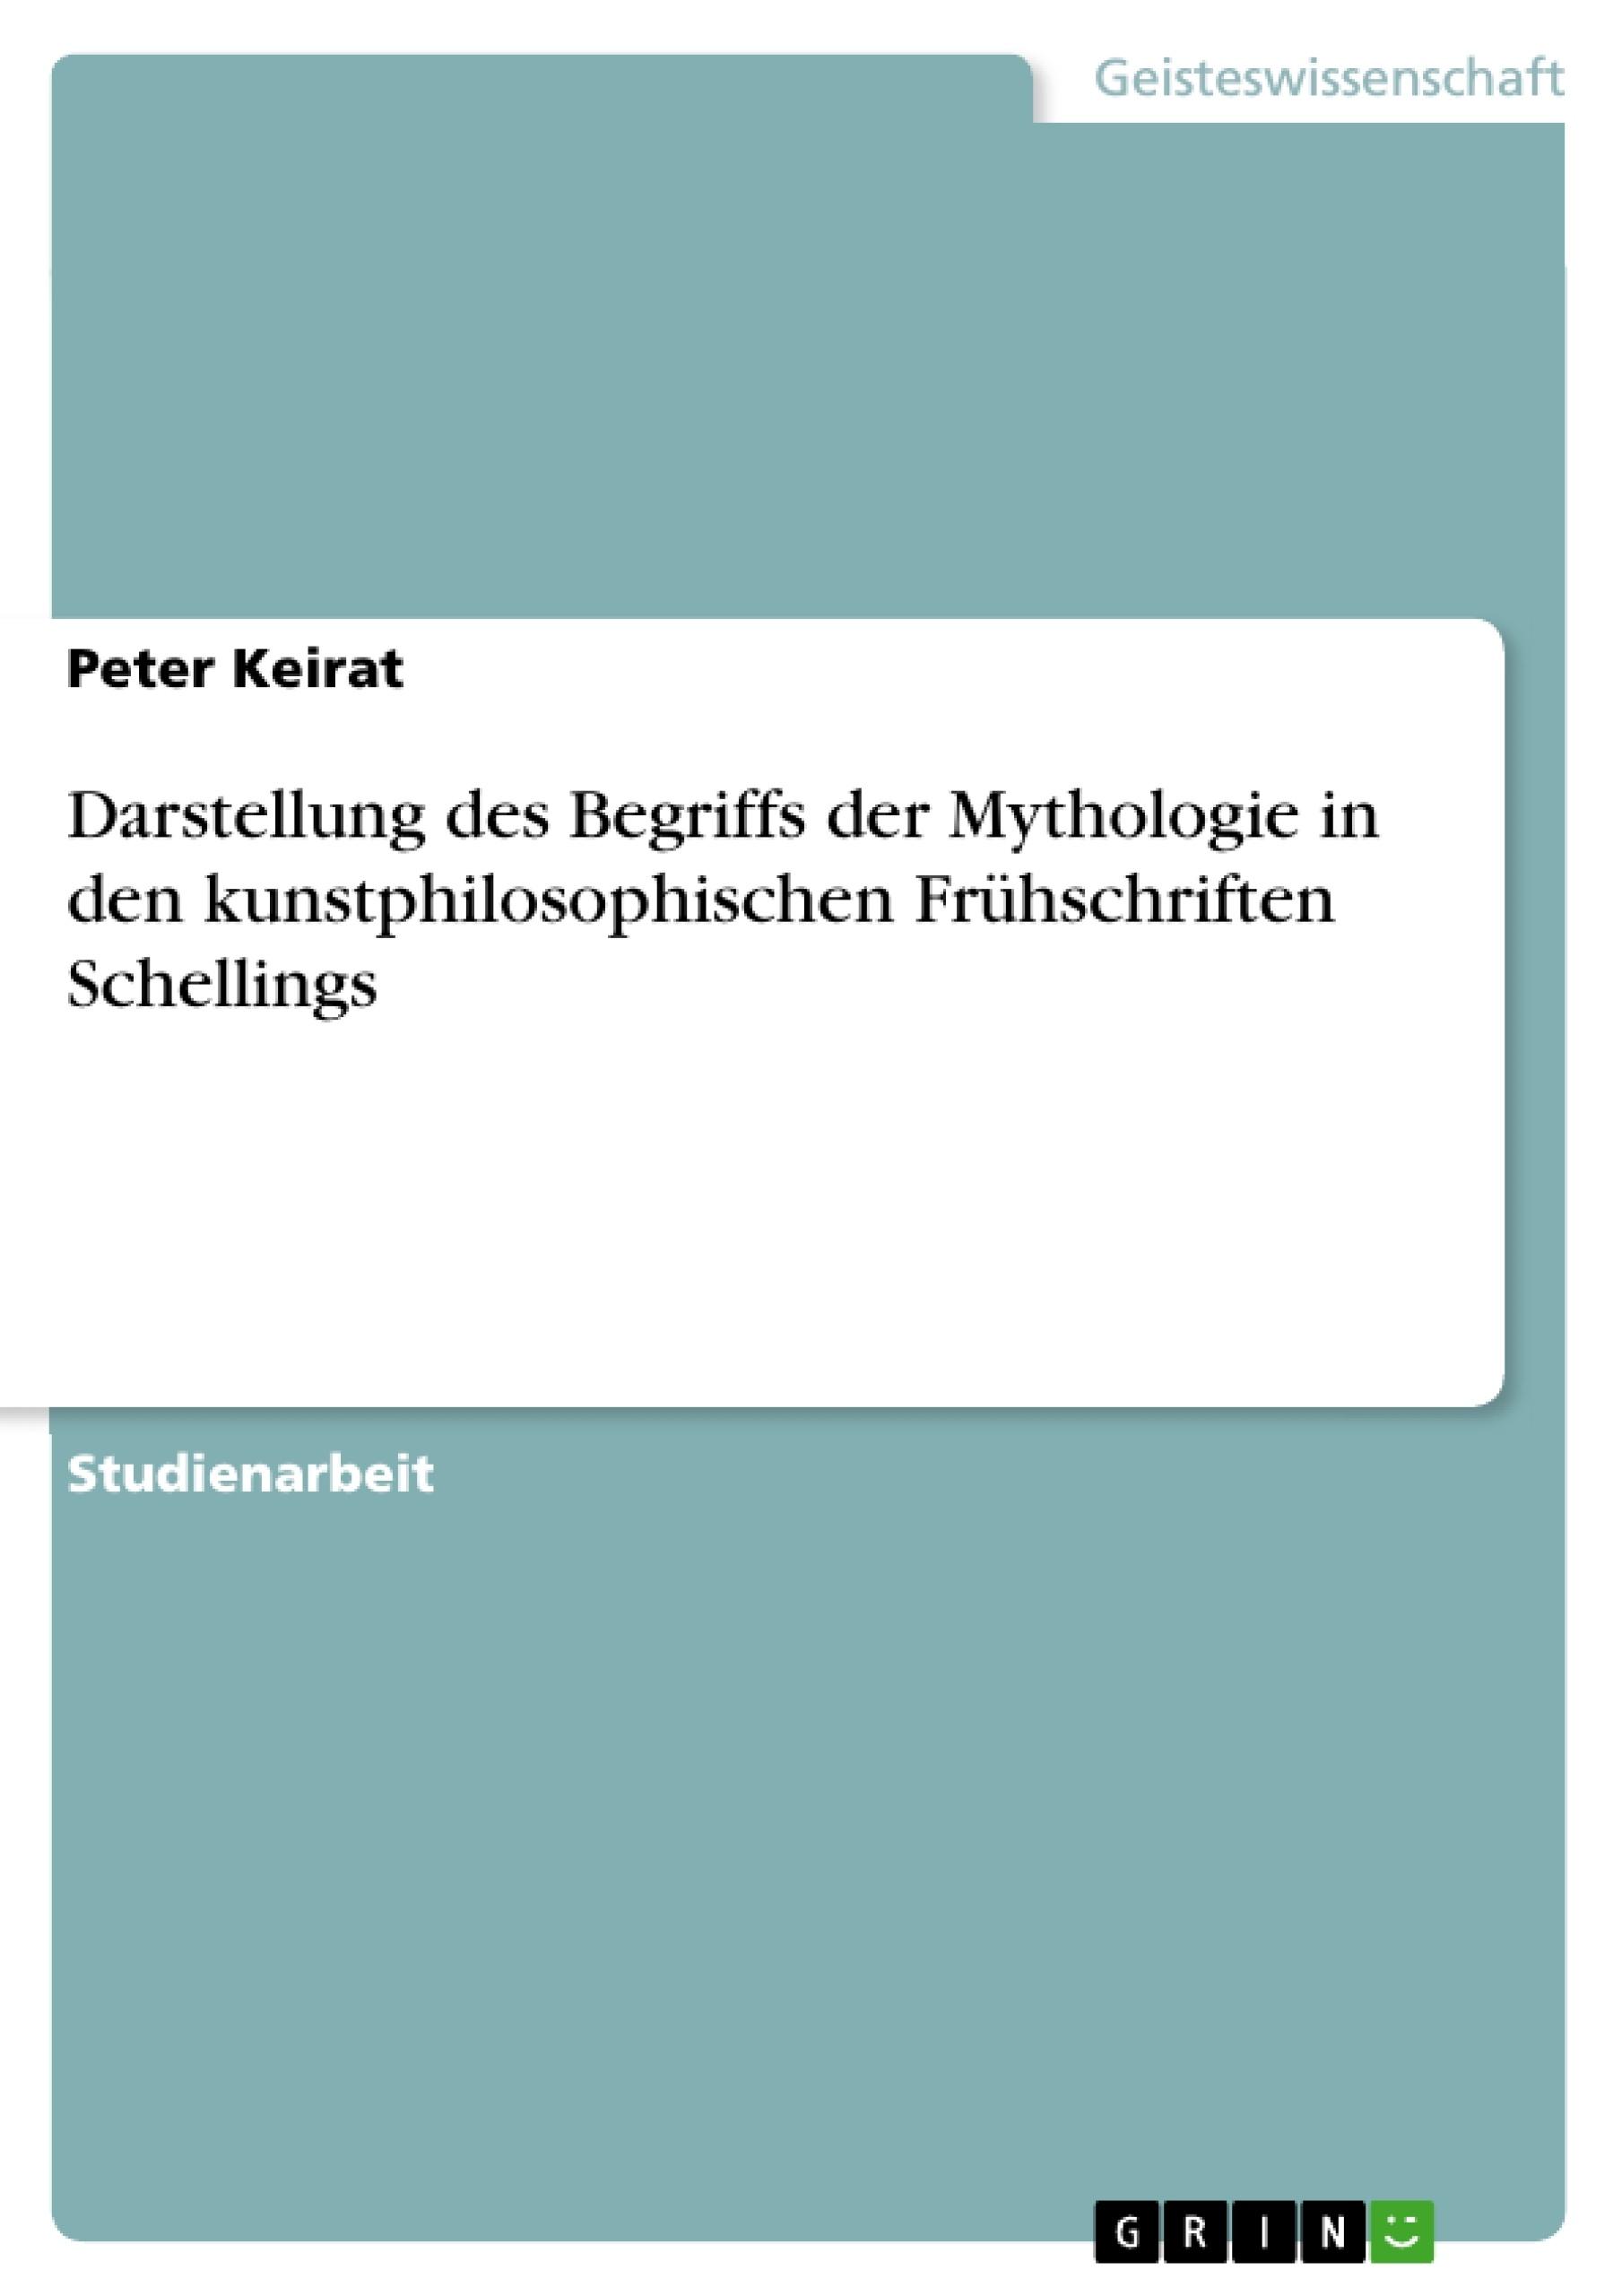 Titel: Darstellung des Begriffs der Mythologie in den kunstphilosophischen Frühschriften Schellings